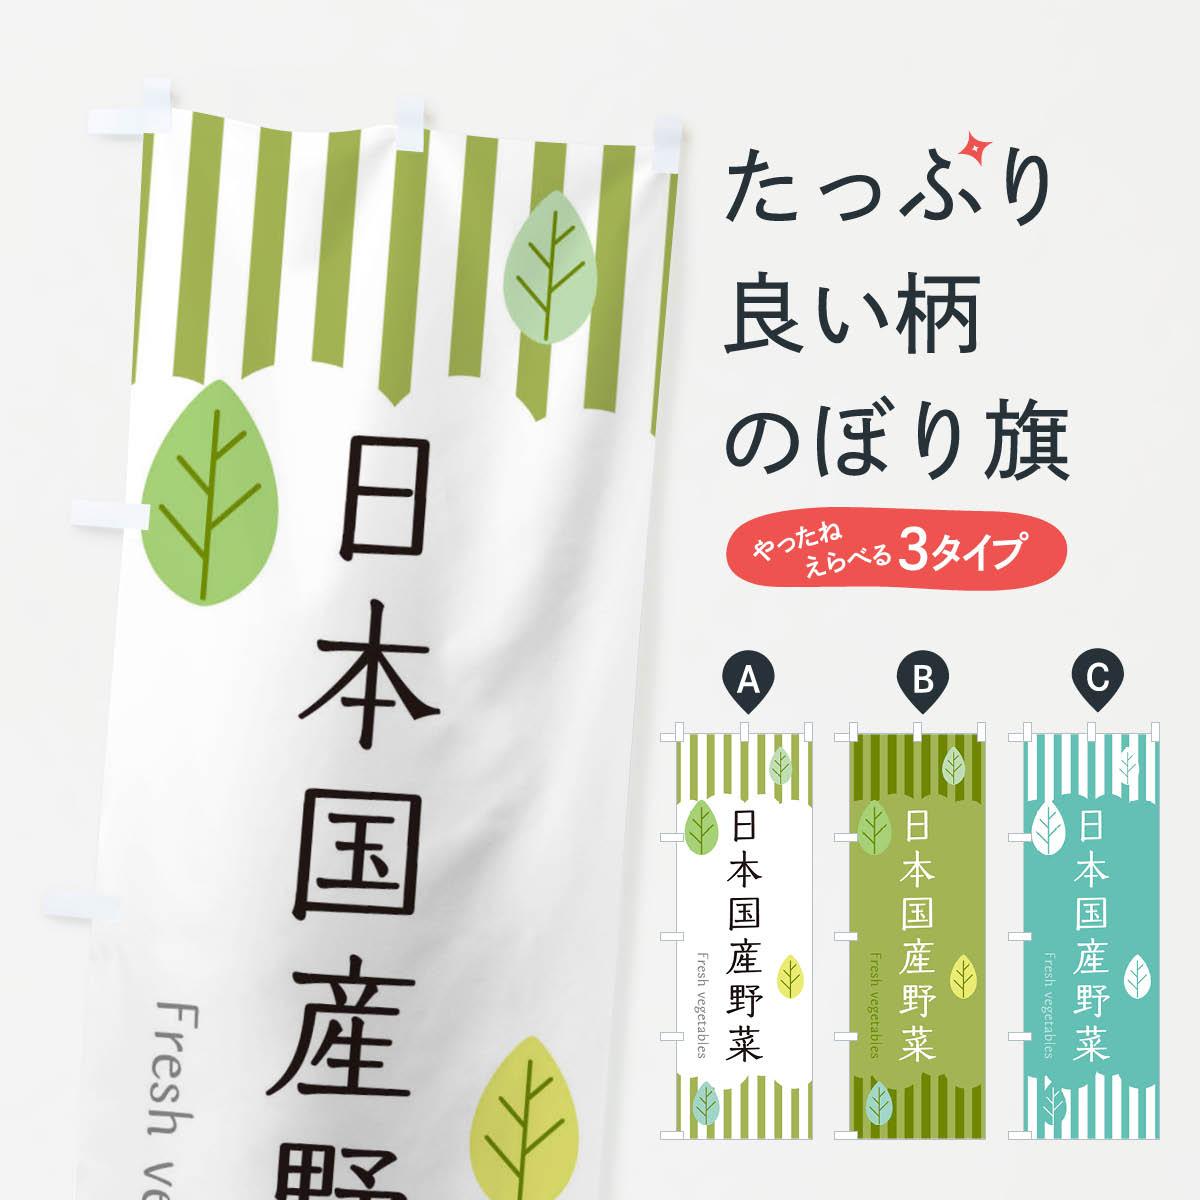 產品詳細資料,日本Yahoo代標|日本代購|日本批發-ibuy99|興趣、愛好|【ネコポス送料360】 のぼり旗 日本国産野菜のぼり TXSF 新鮮野菜・直売